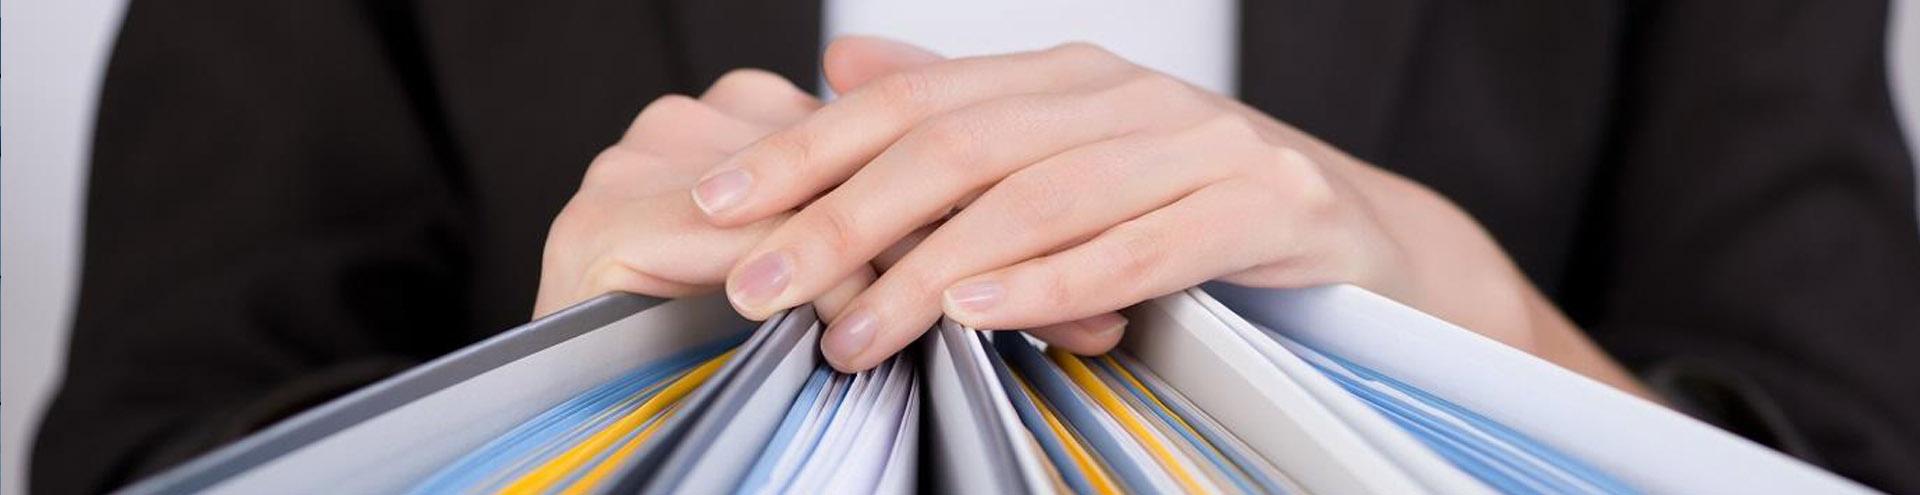 Подготовка арбитражных документов в Краснодаре и Краснодарском крае